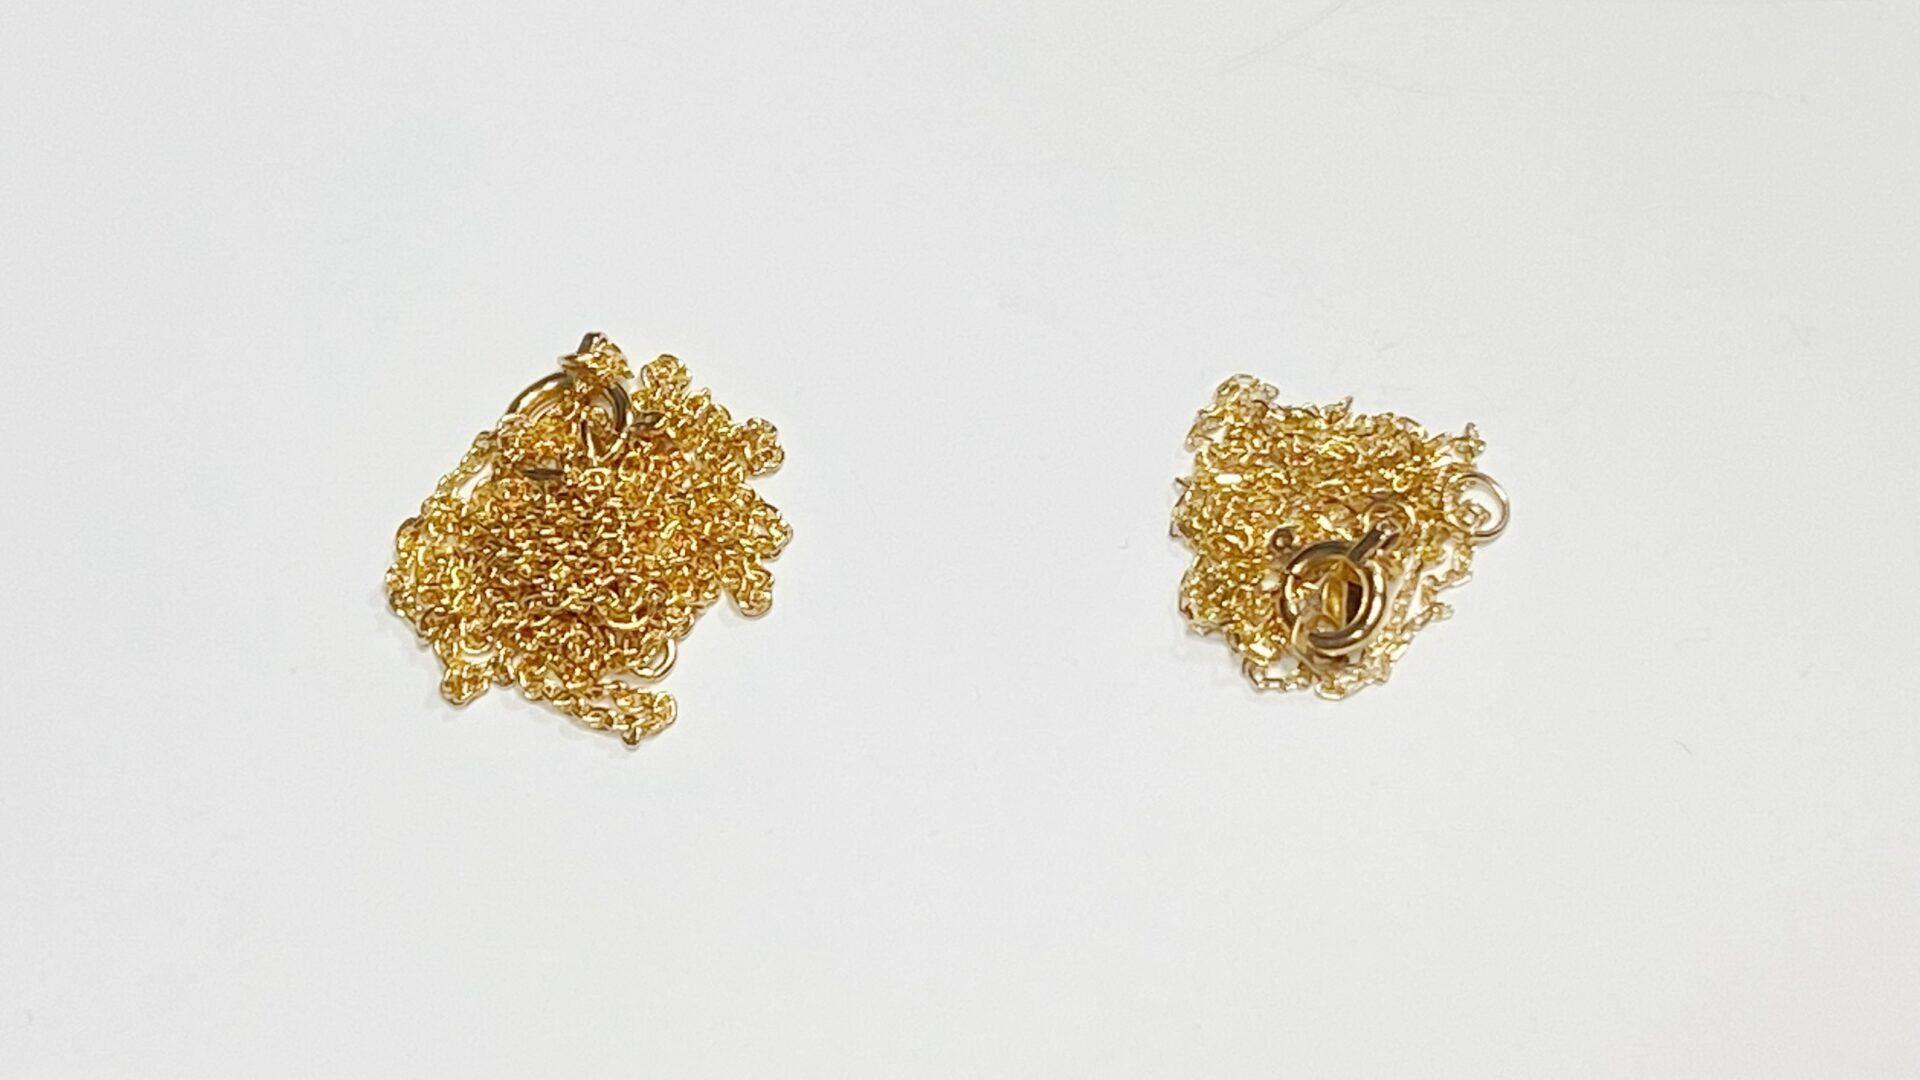 K18 K1018金 10金 Koni&Koga 金属の種類